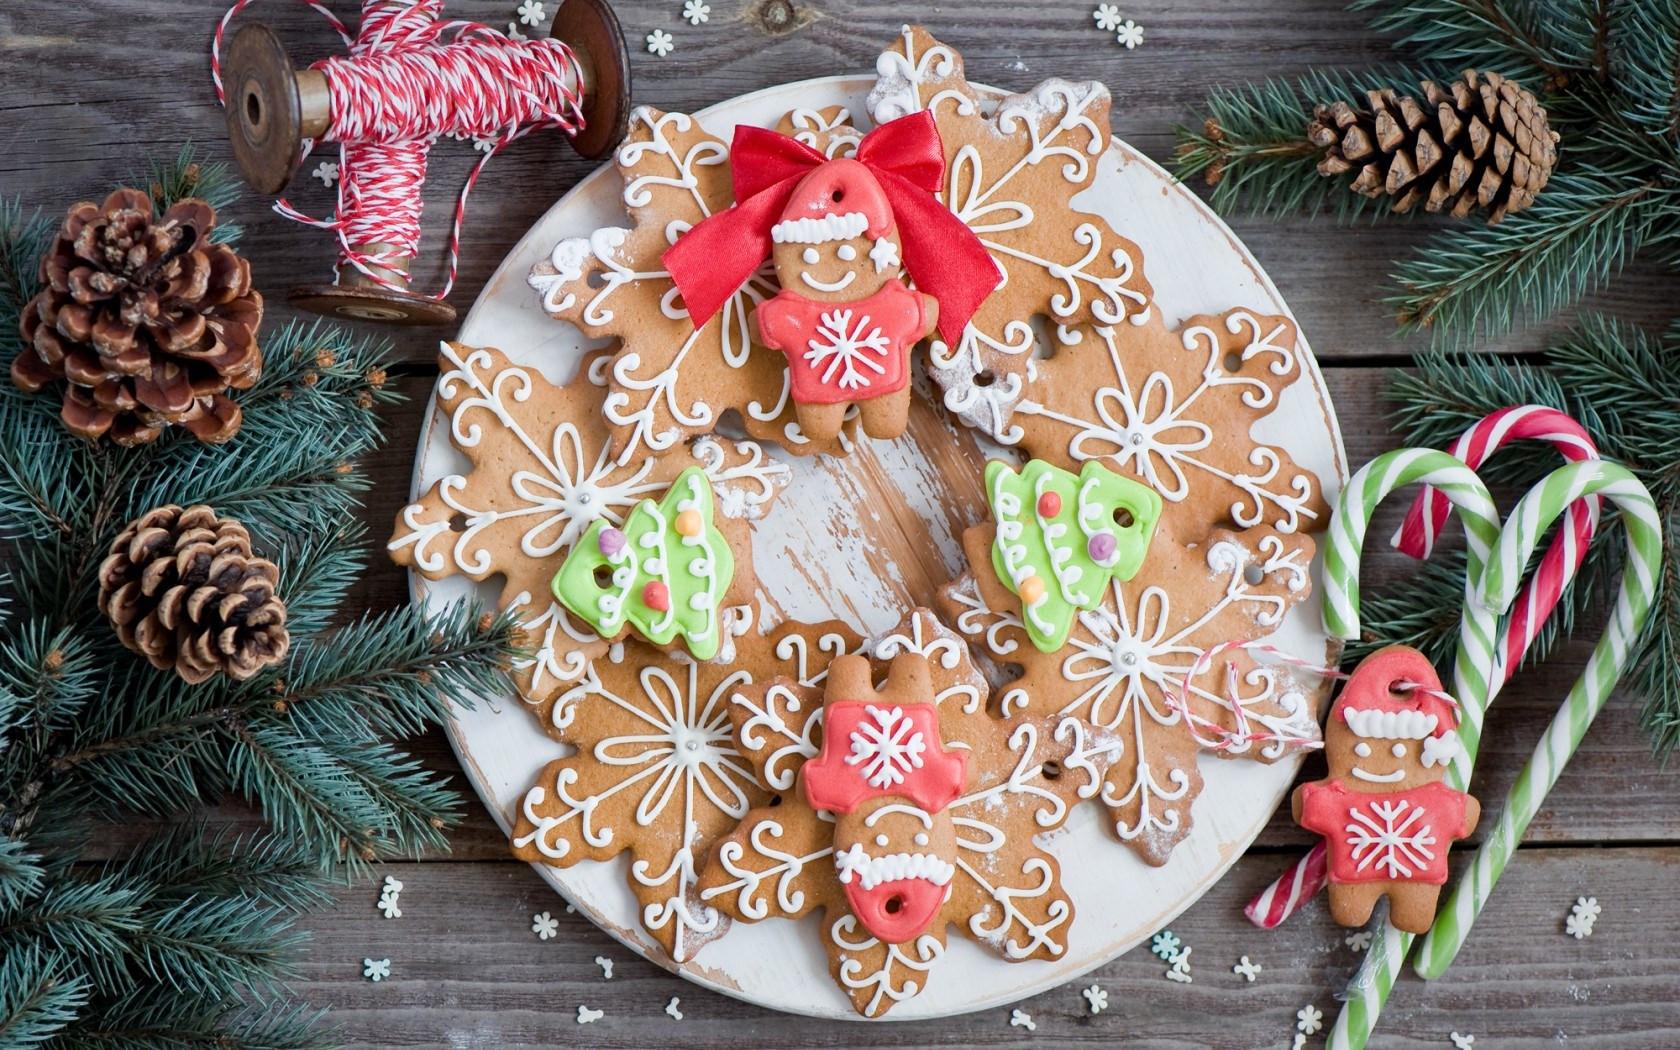 Christmas Cookies Wallpaper  New Year Christmas Cookies Figurines Snowflakes Dessert